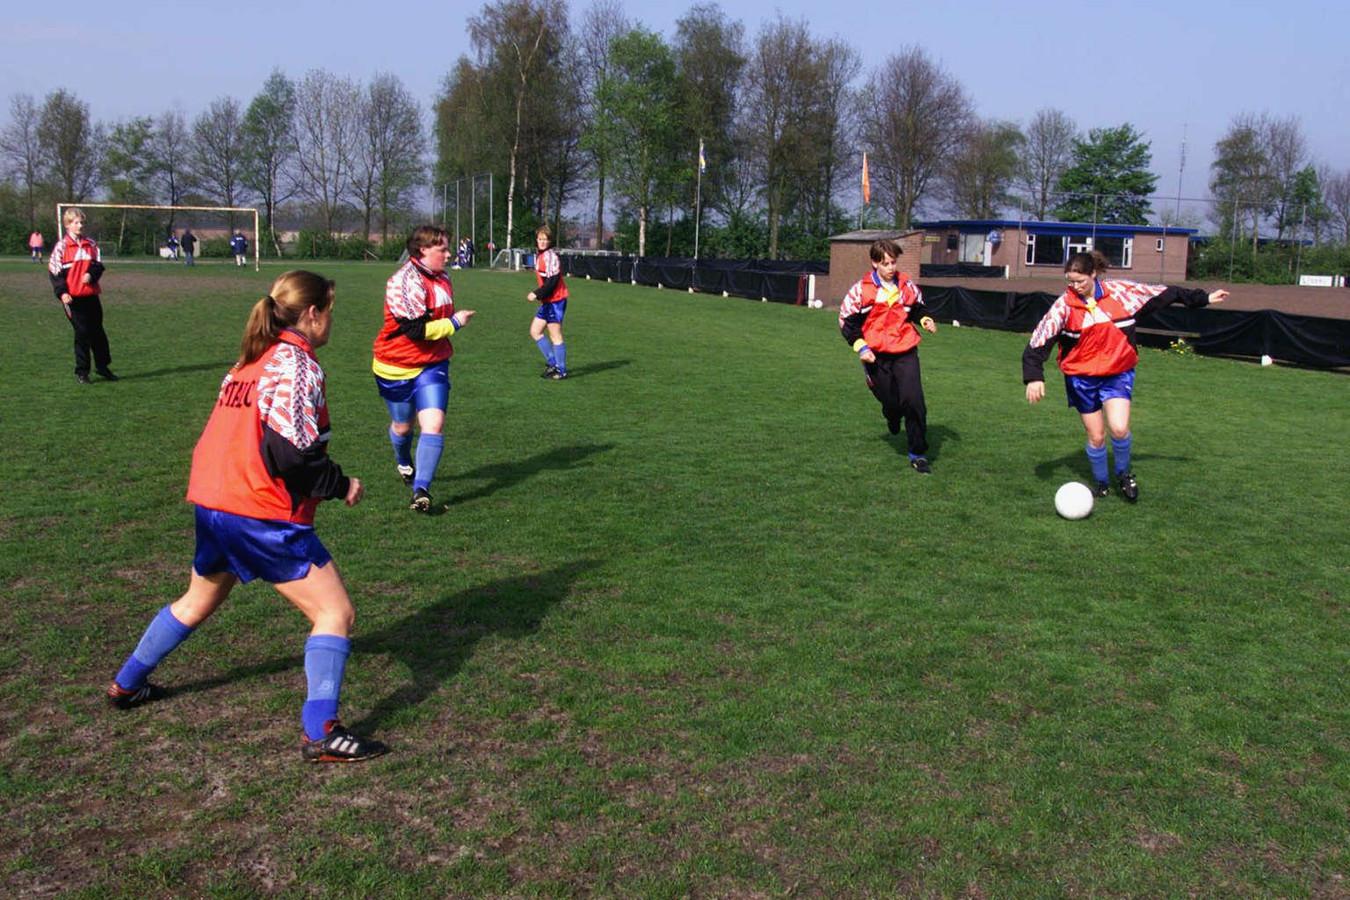 Het sportpark in Hulsel op een archieffoto. Hier wel met groen gras...